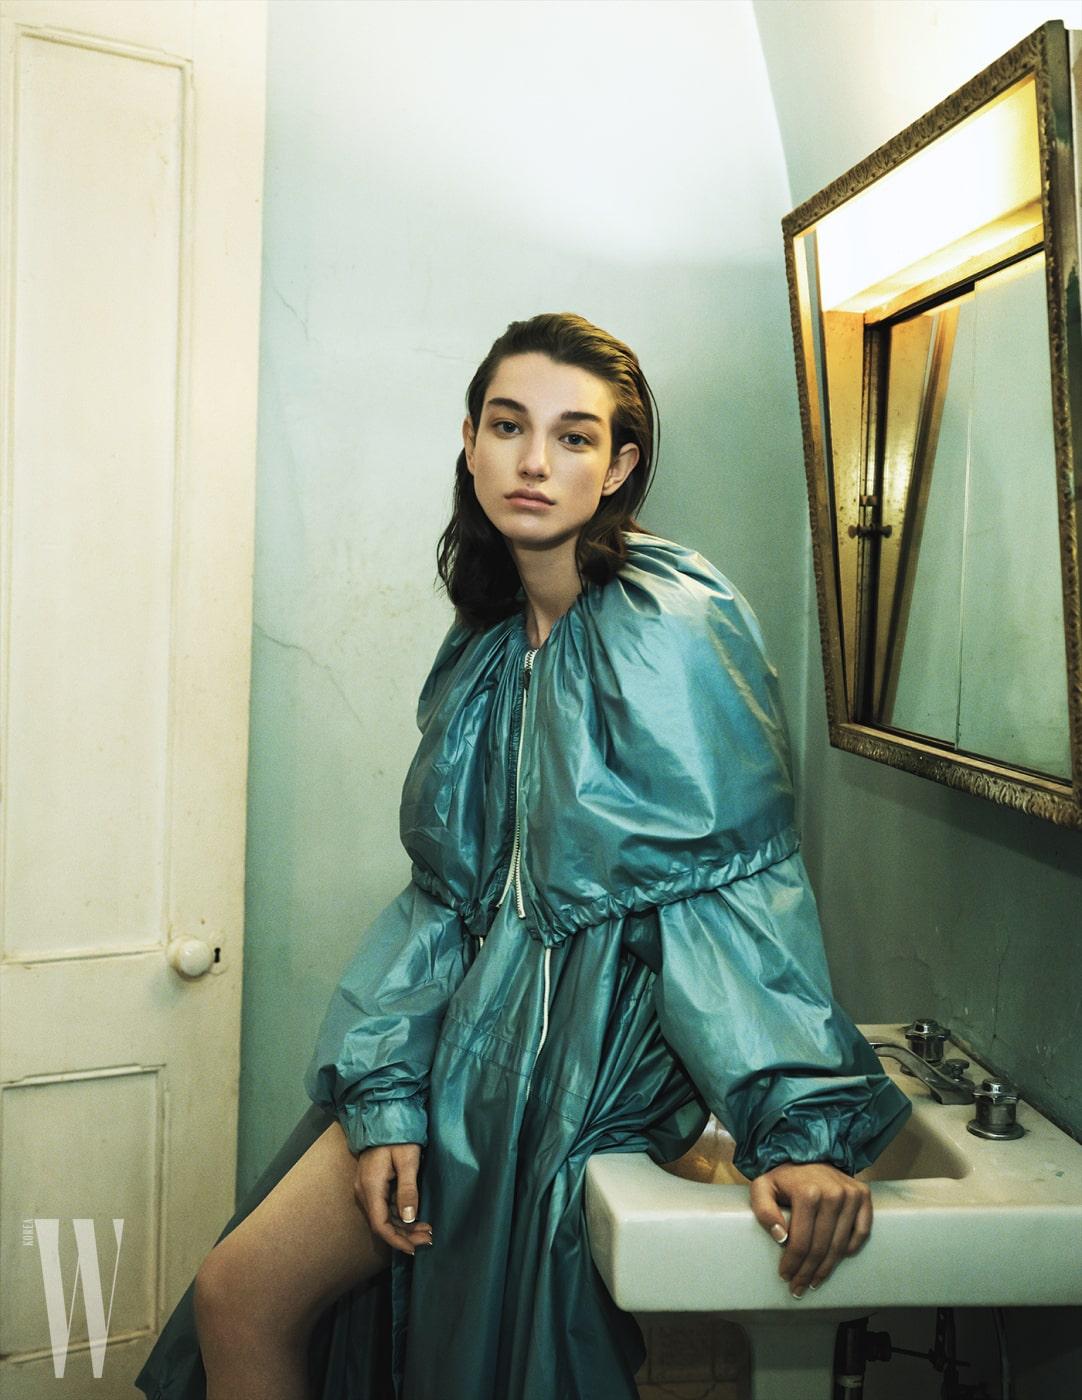 어깨가 덮이는 넓은 칼라의 하늘색 원피스 겸 코트는 Calvin Klein 205W39NYC 제품.